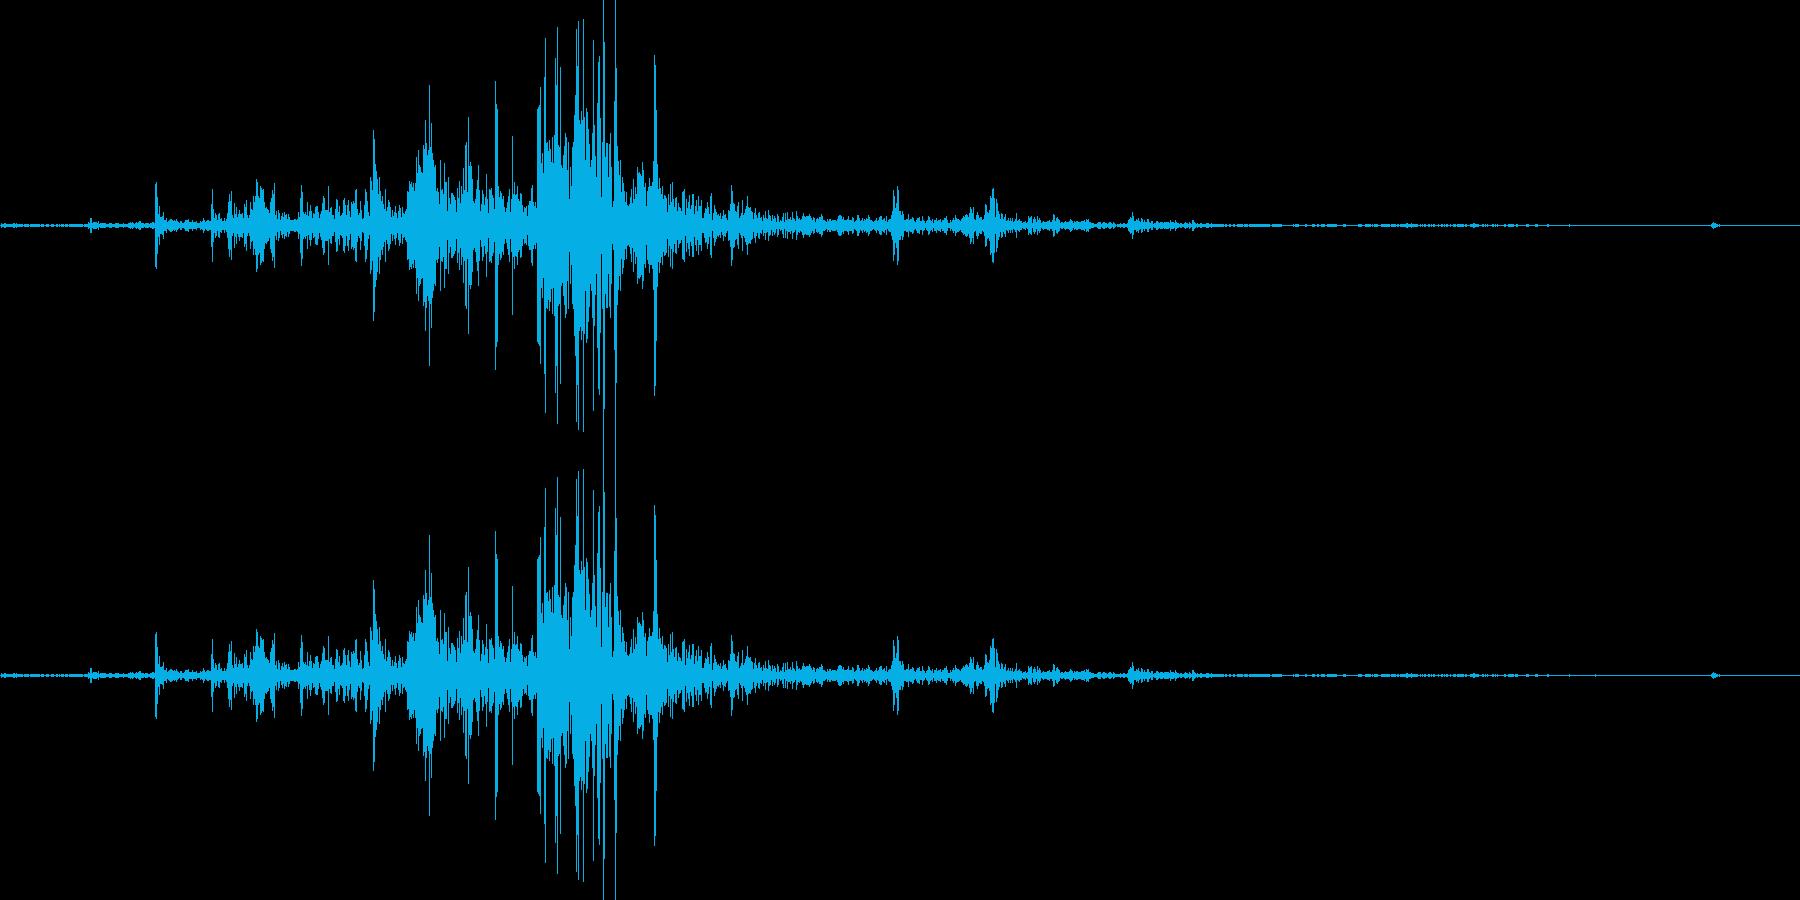 【マイク収録】紙を広げる音/ページめくりの再生済みの波形